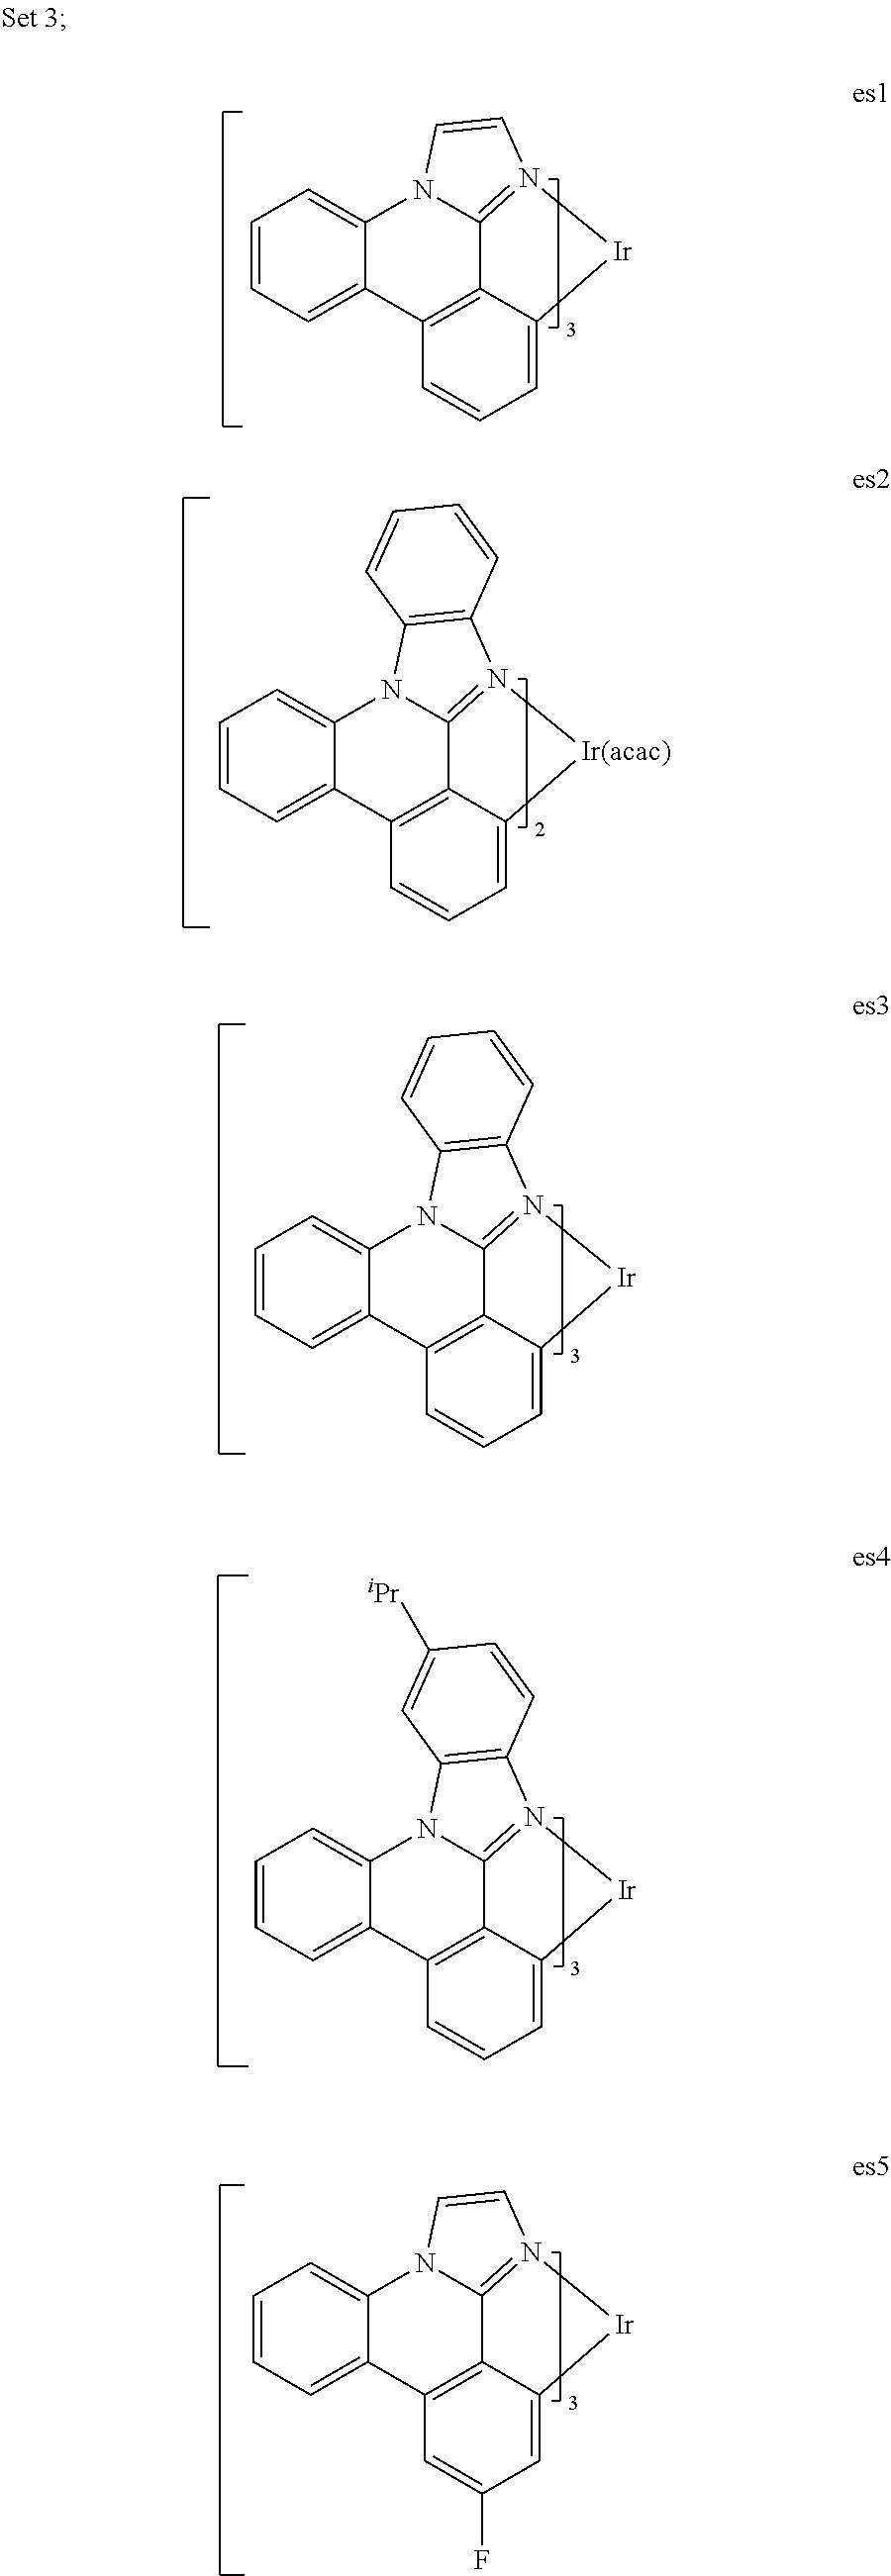 Figure US20110073849A1-20110331-C00010